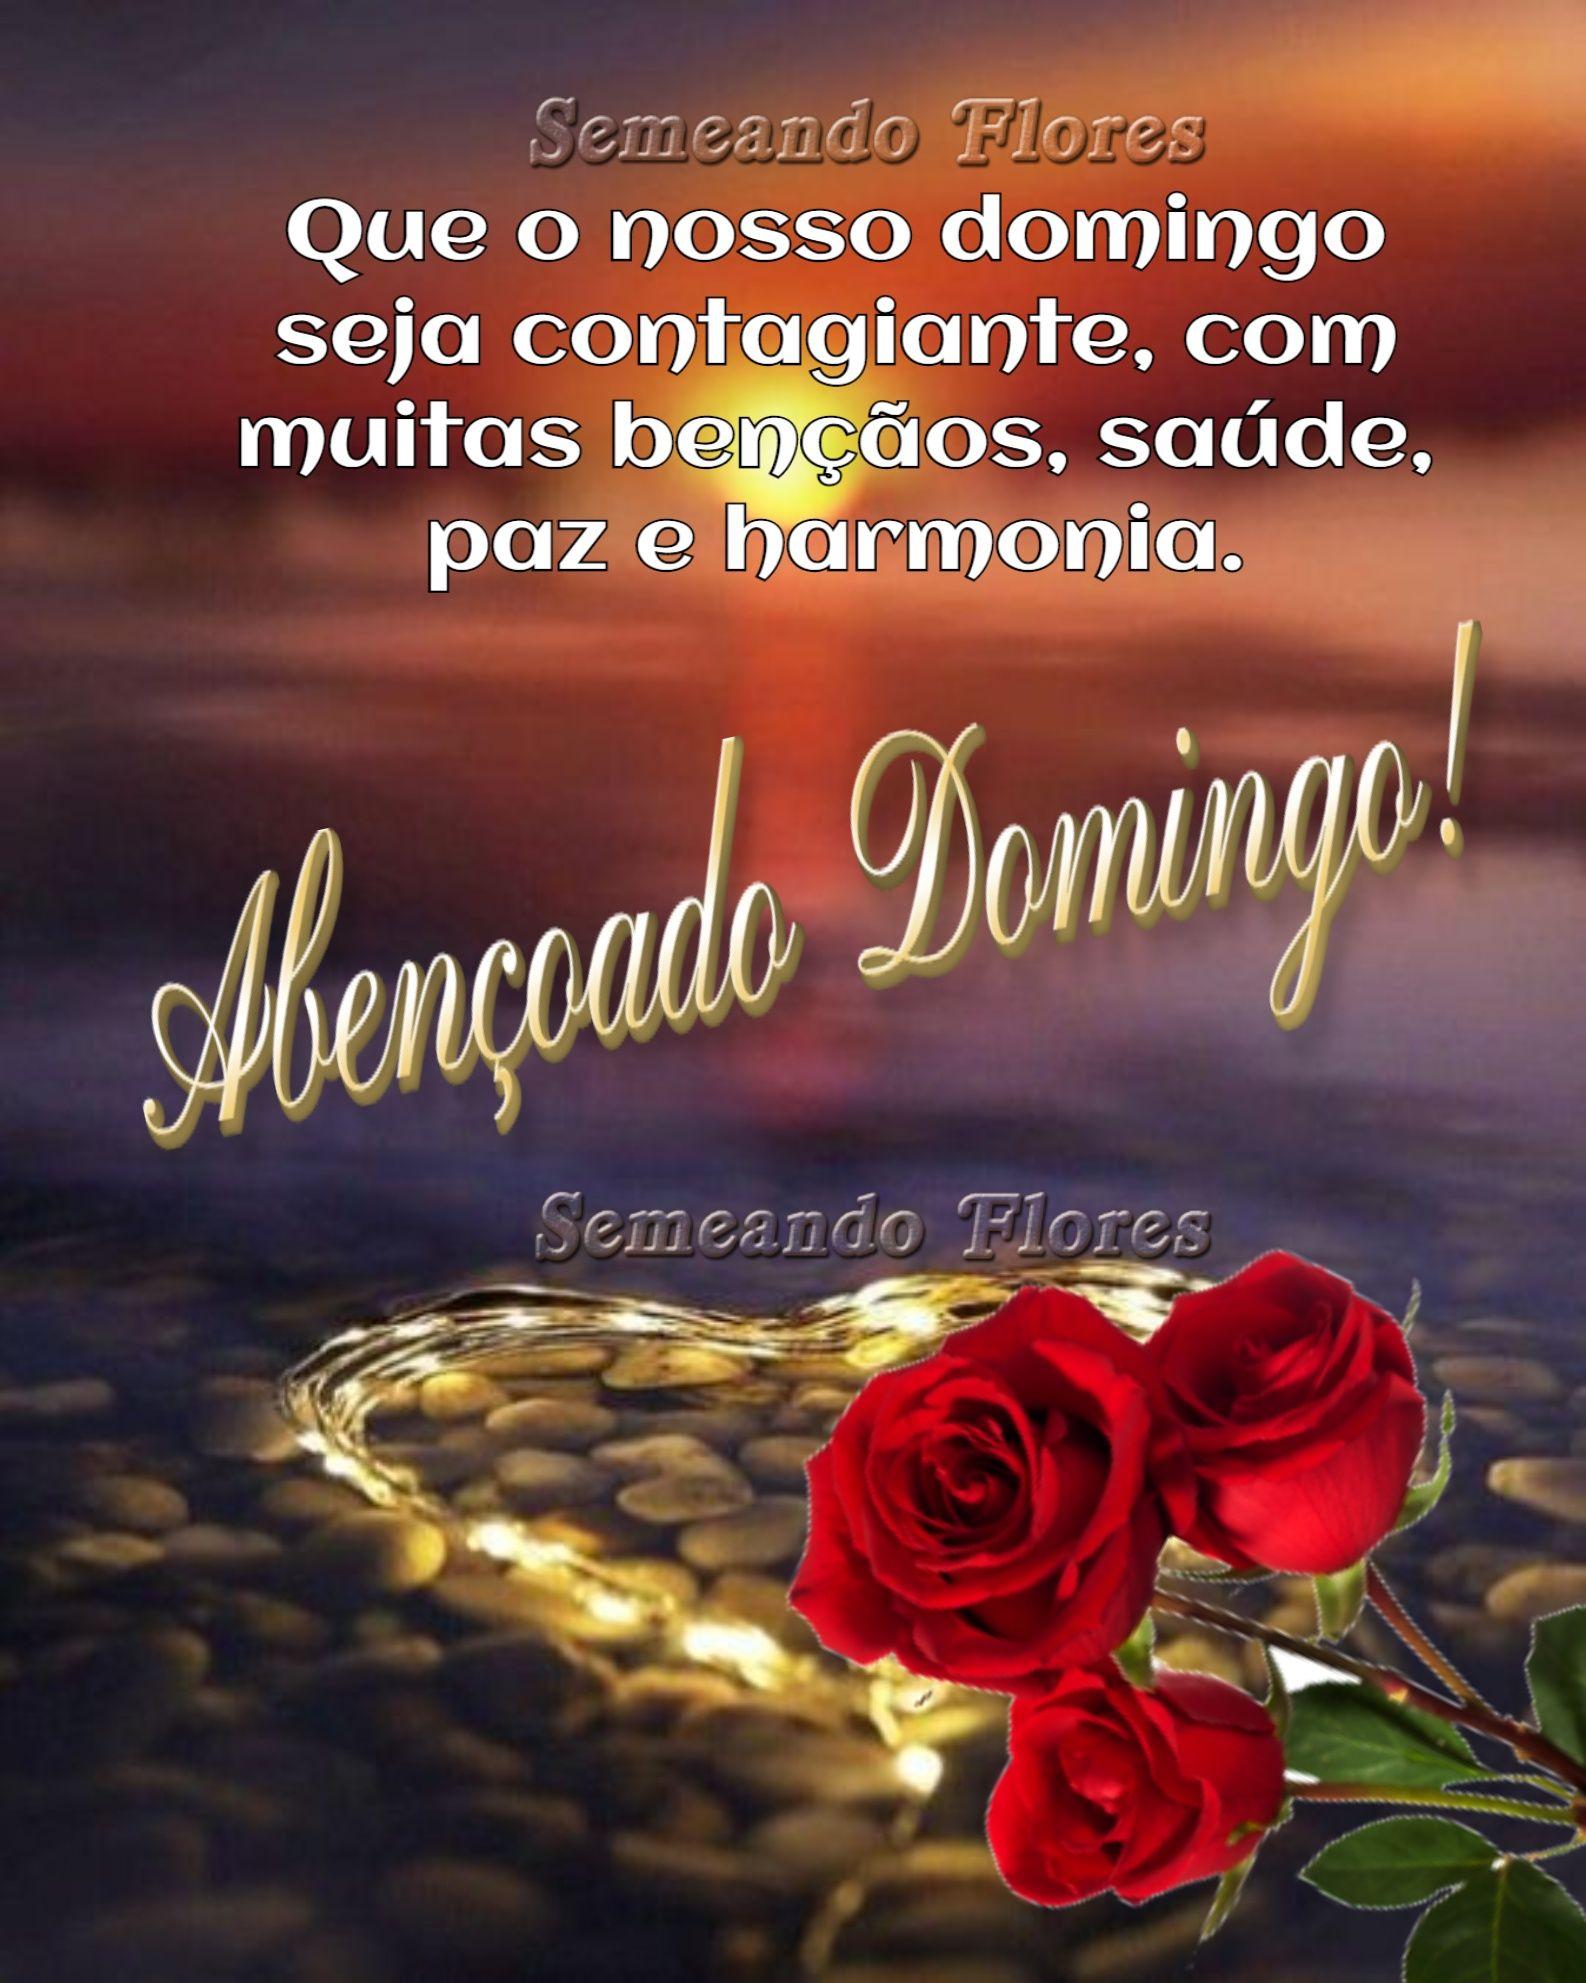 Pin De Denite Brasil Em Boa Noite Amor Mensagens De Bom Dia Meu